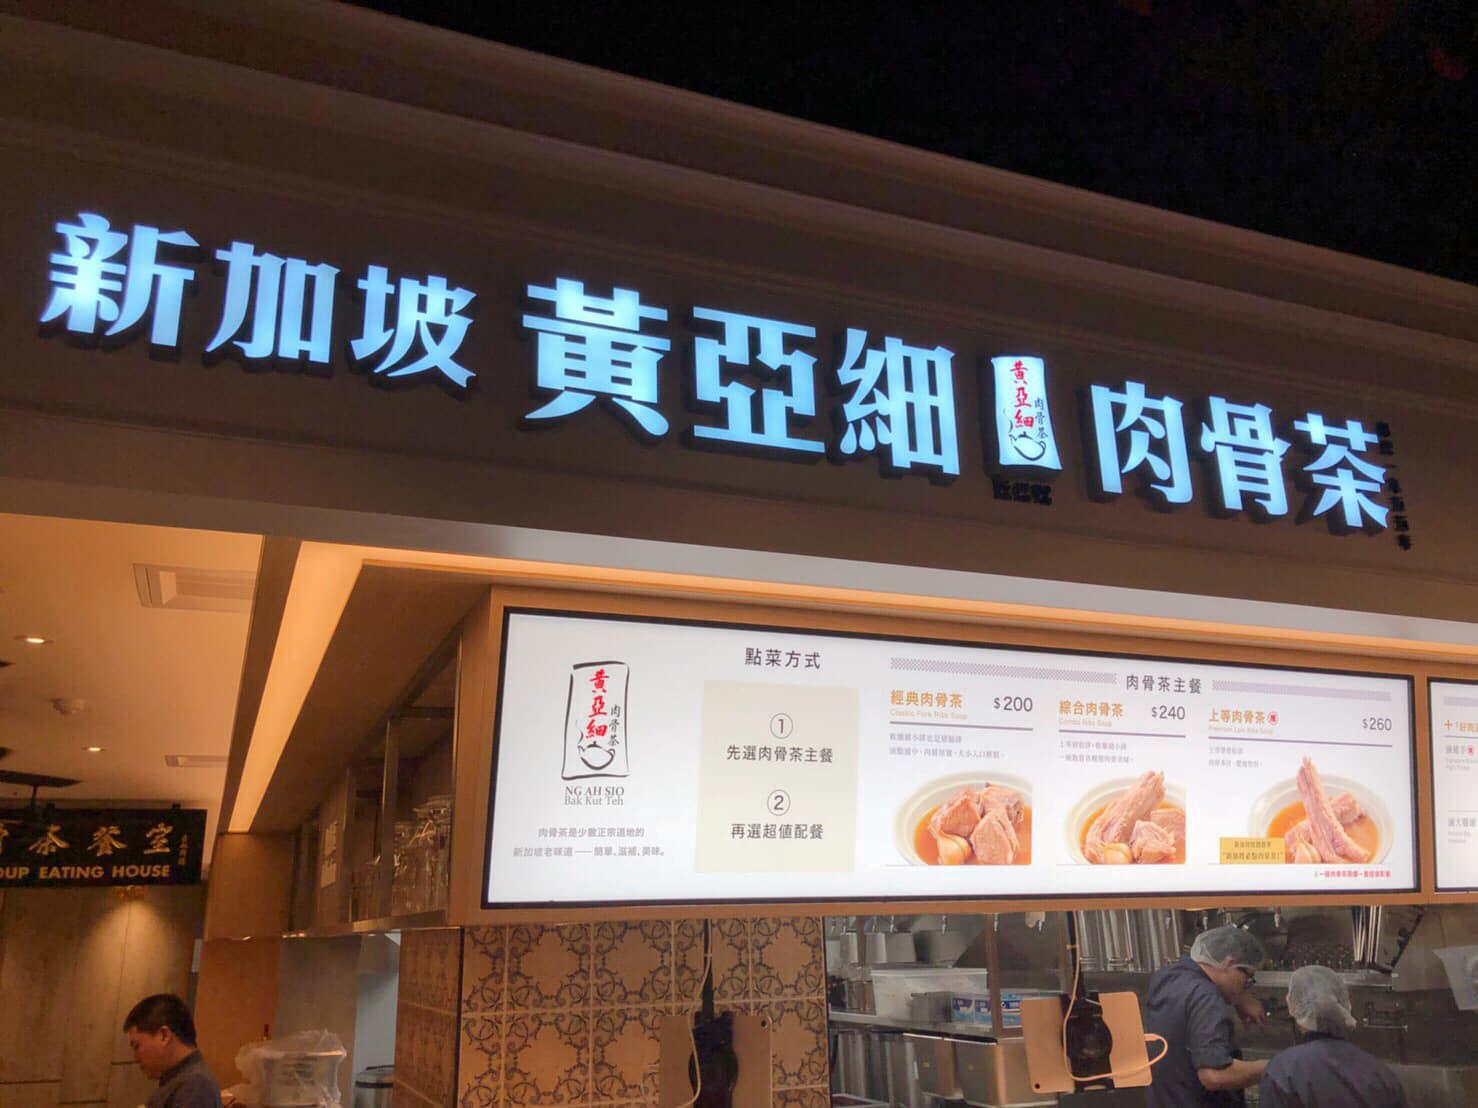 黃亞細肉骨茶、大心新泰式麵食、一風堂等三大名店進駐新竹巨城!6月28日正式開幕享優惠